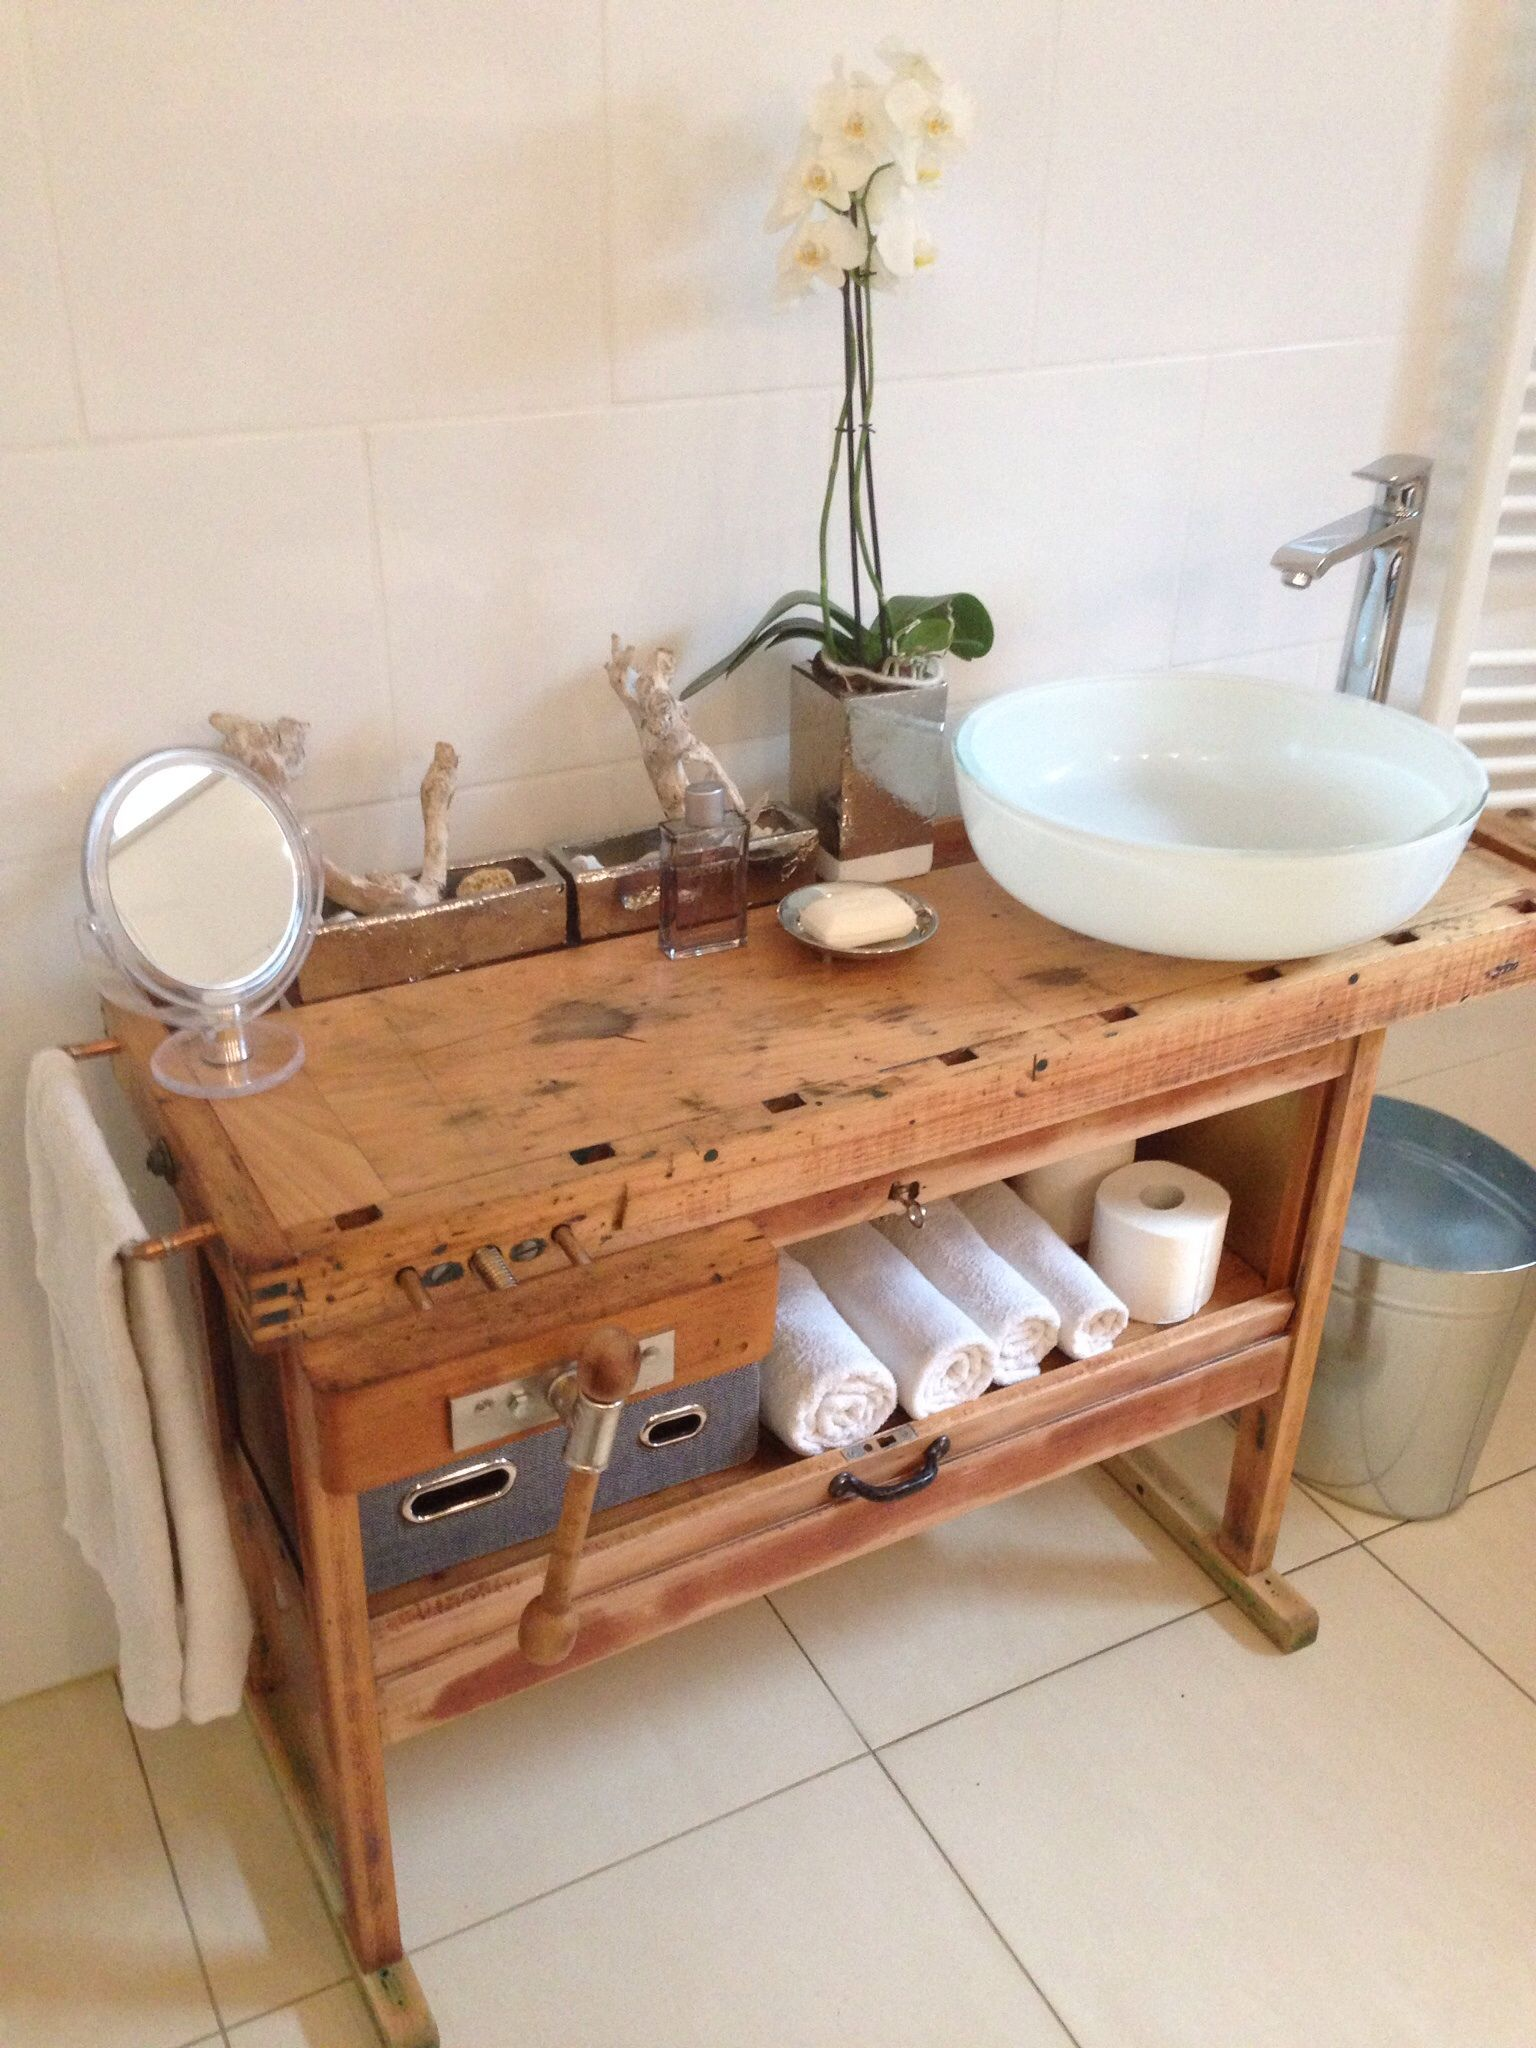 Waschtisch aus einer Hobelbank  Helenes REICH  Badezimmer Badezimmer tisch und Alte werkbank